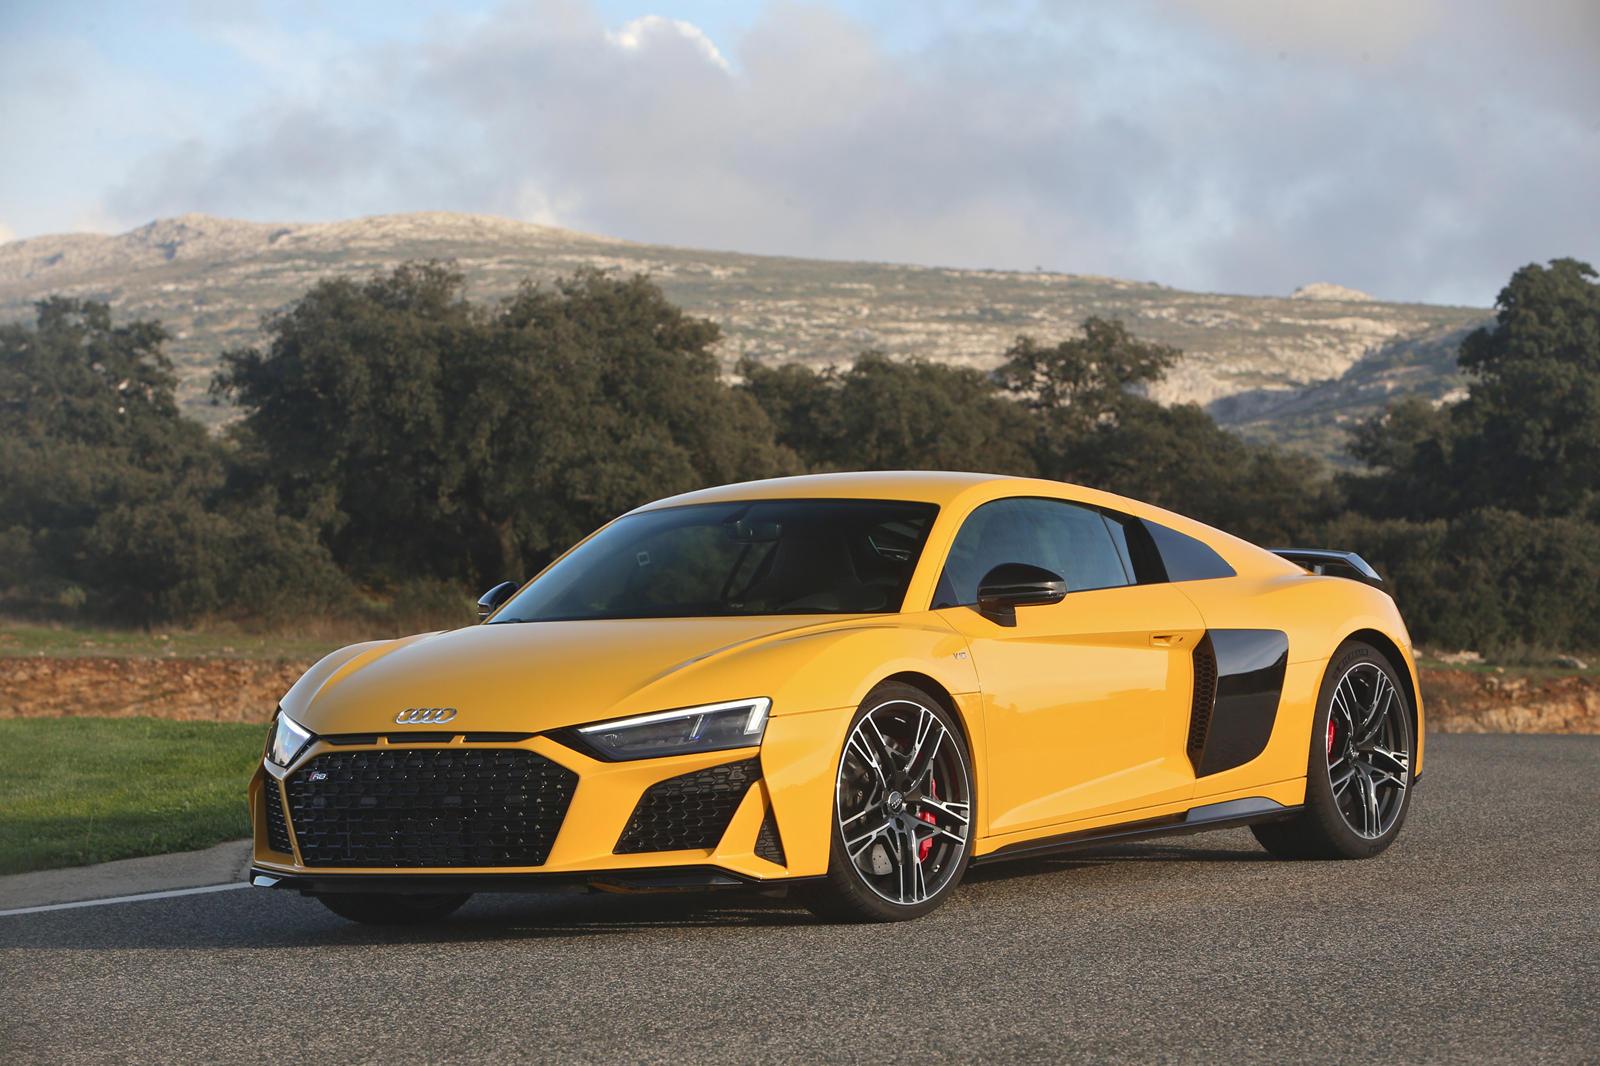 Audi R8 Design, Specs, Price